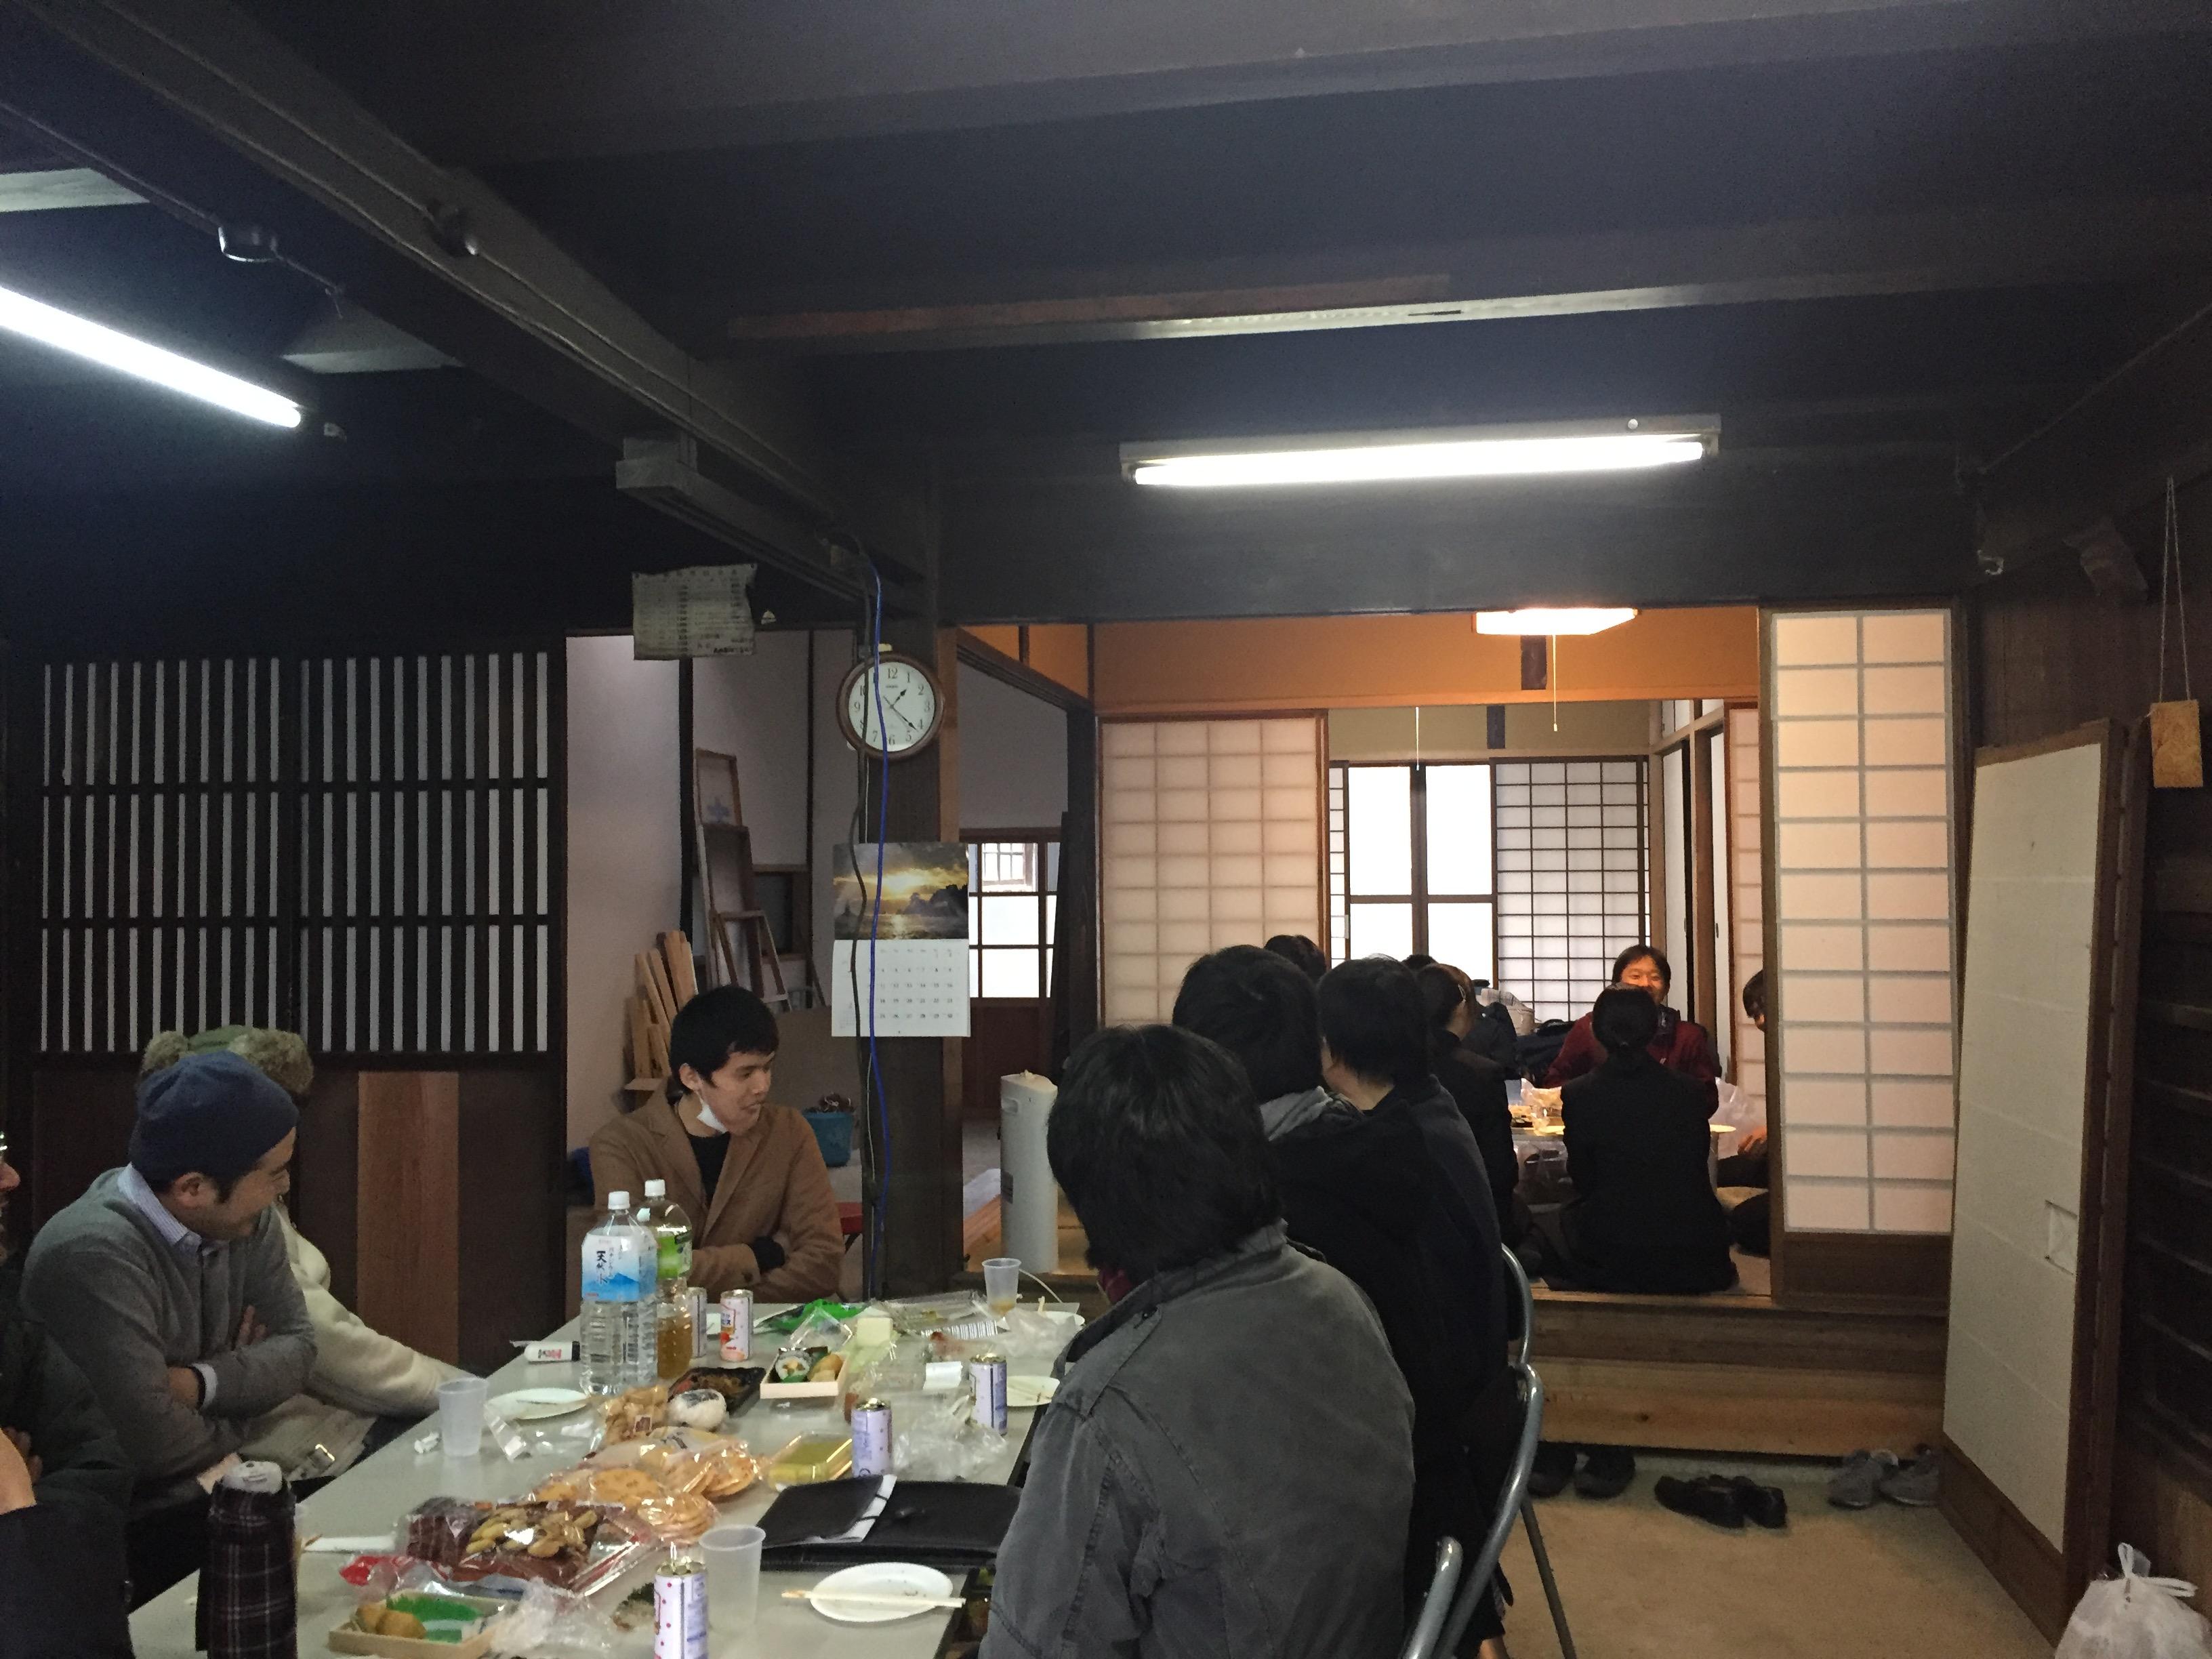 http://ud.t.u-tokyo.ac.jp/blog/_images/IMG_6390.JPG